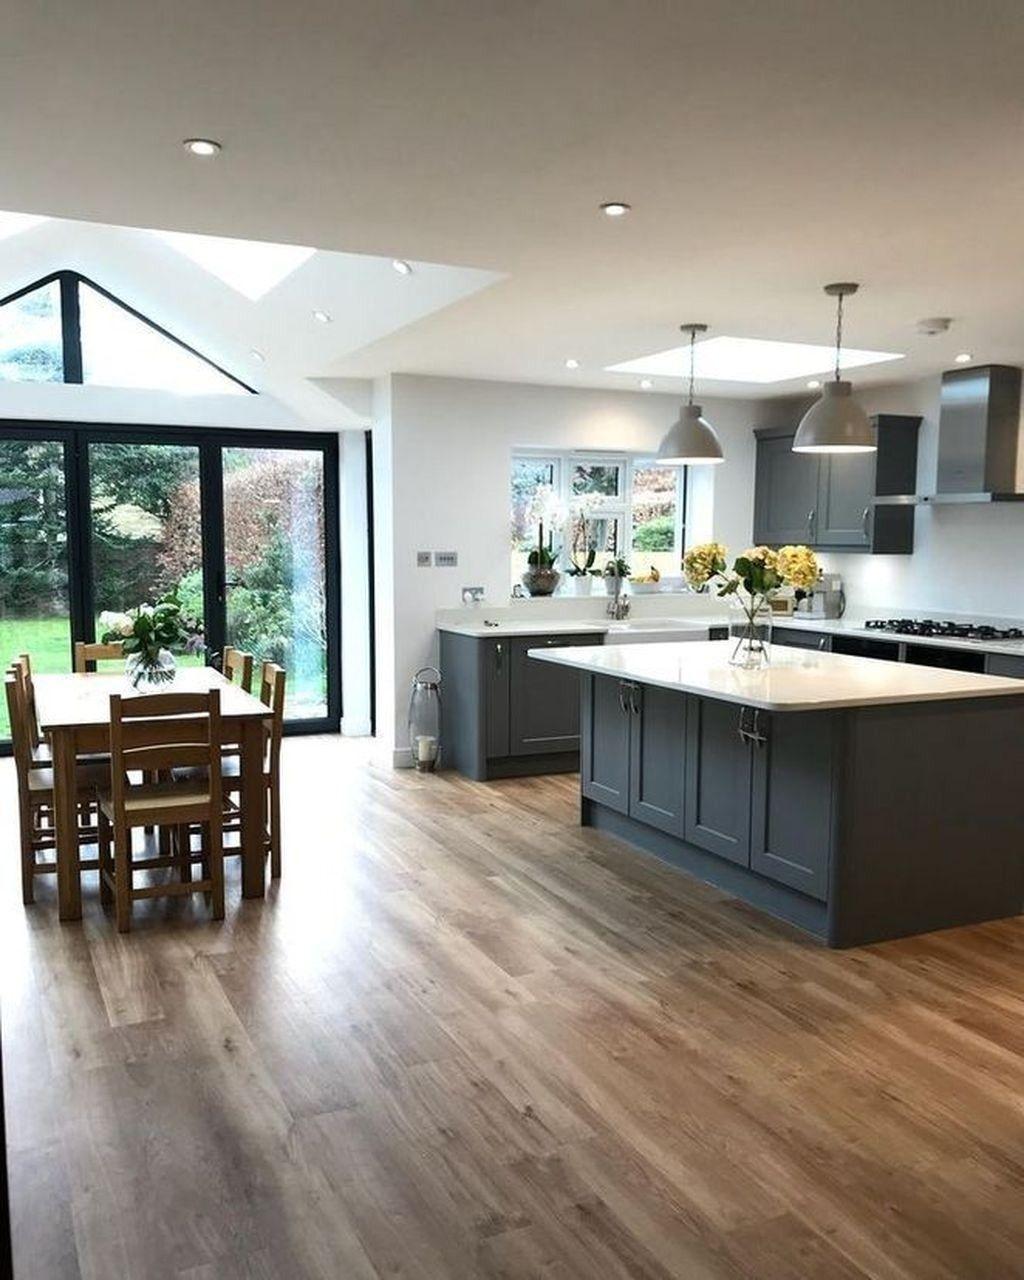 AMAZING KITCHEN DESIGN IDEAS   FRUGAL LIVING   Open plan kitchen ...